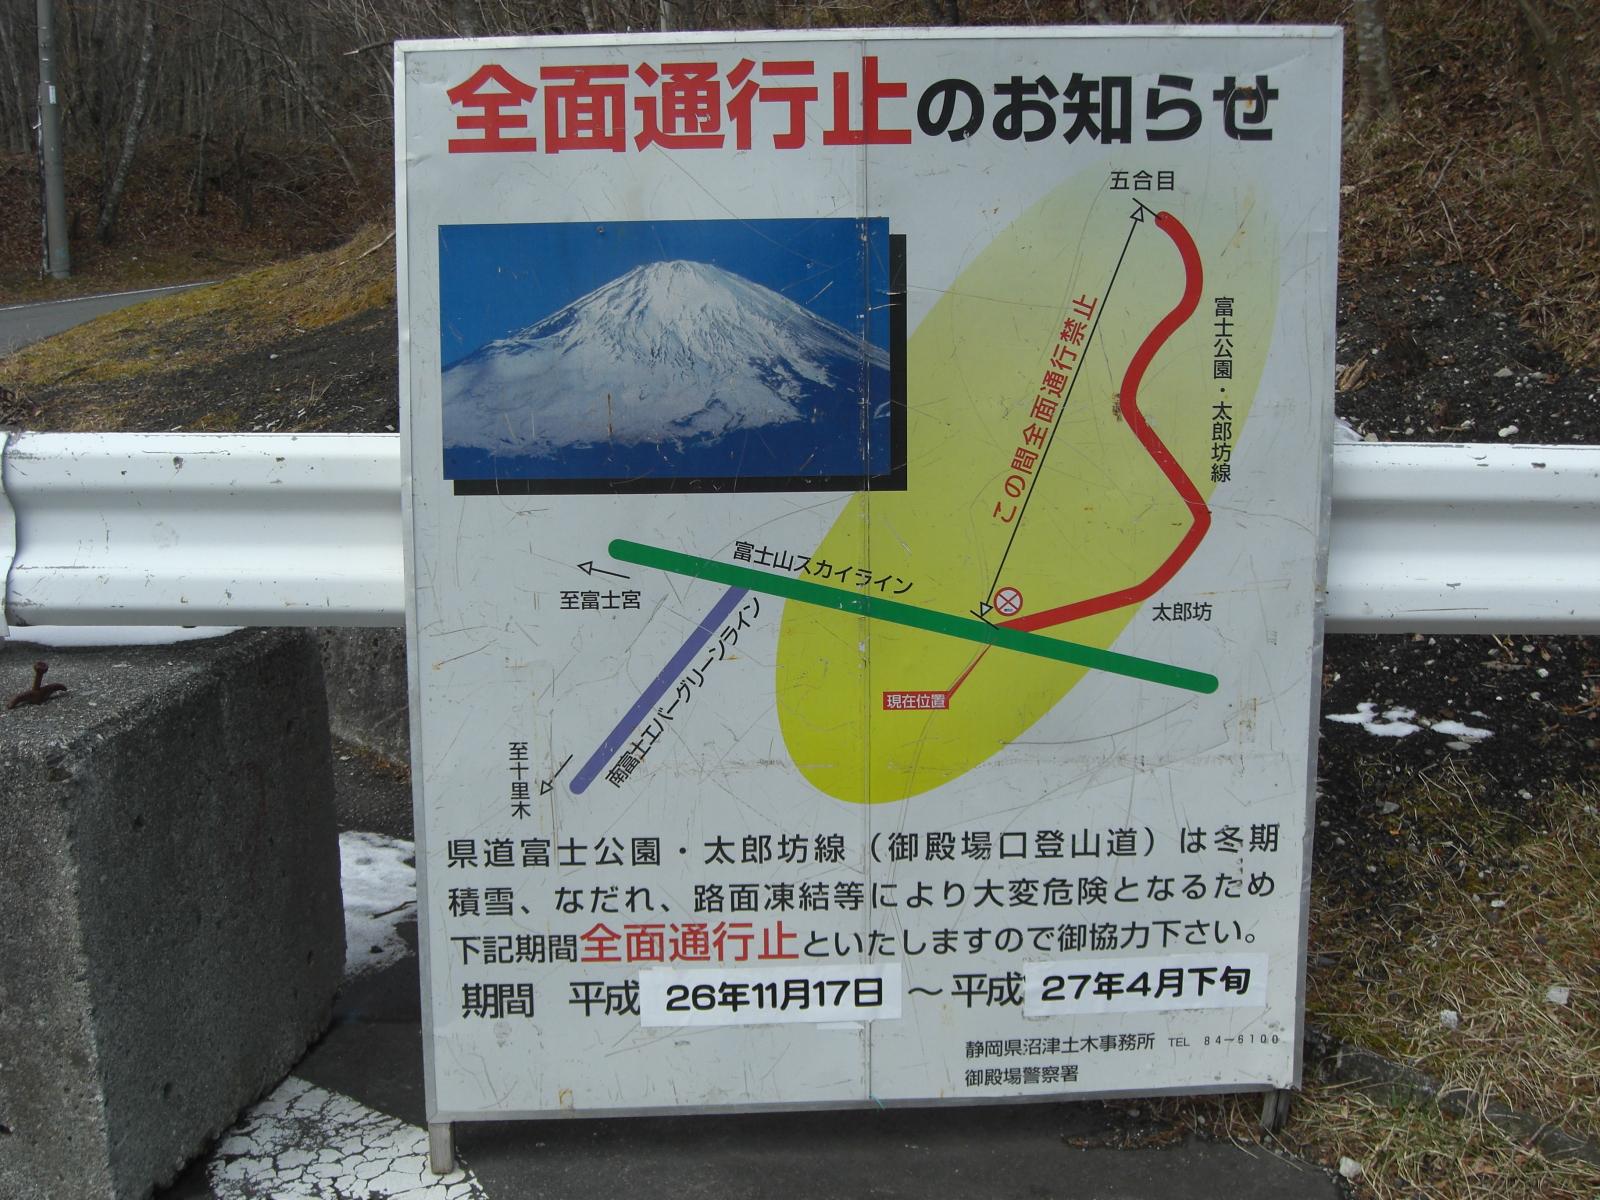 極寒・富士山周遊ツーリング 富士山スカイライン御殿場口冬季閉鎖